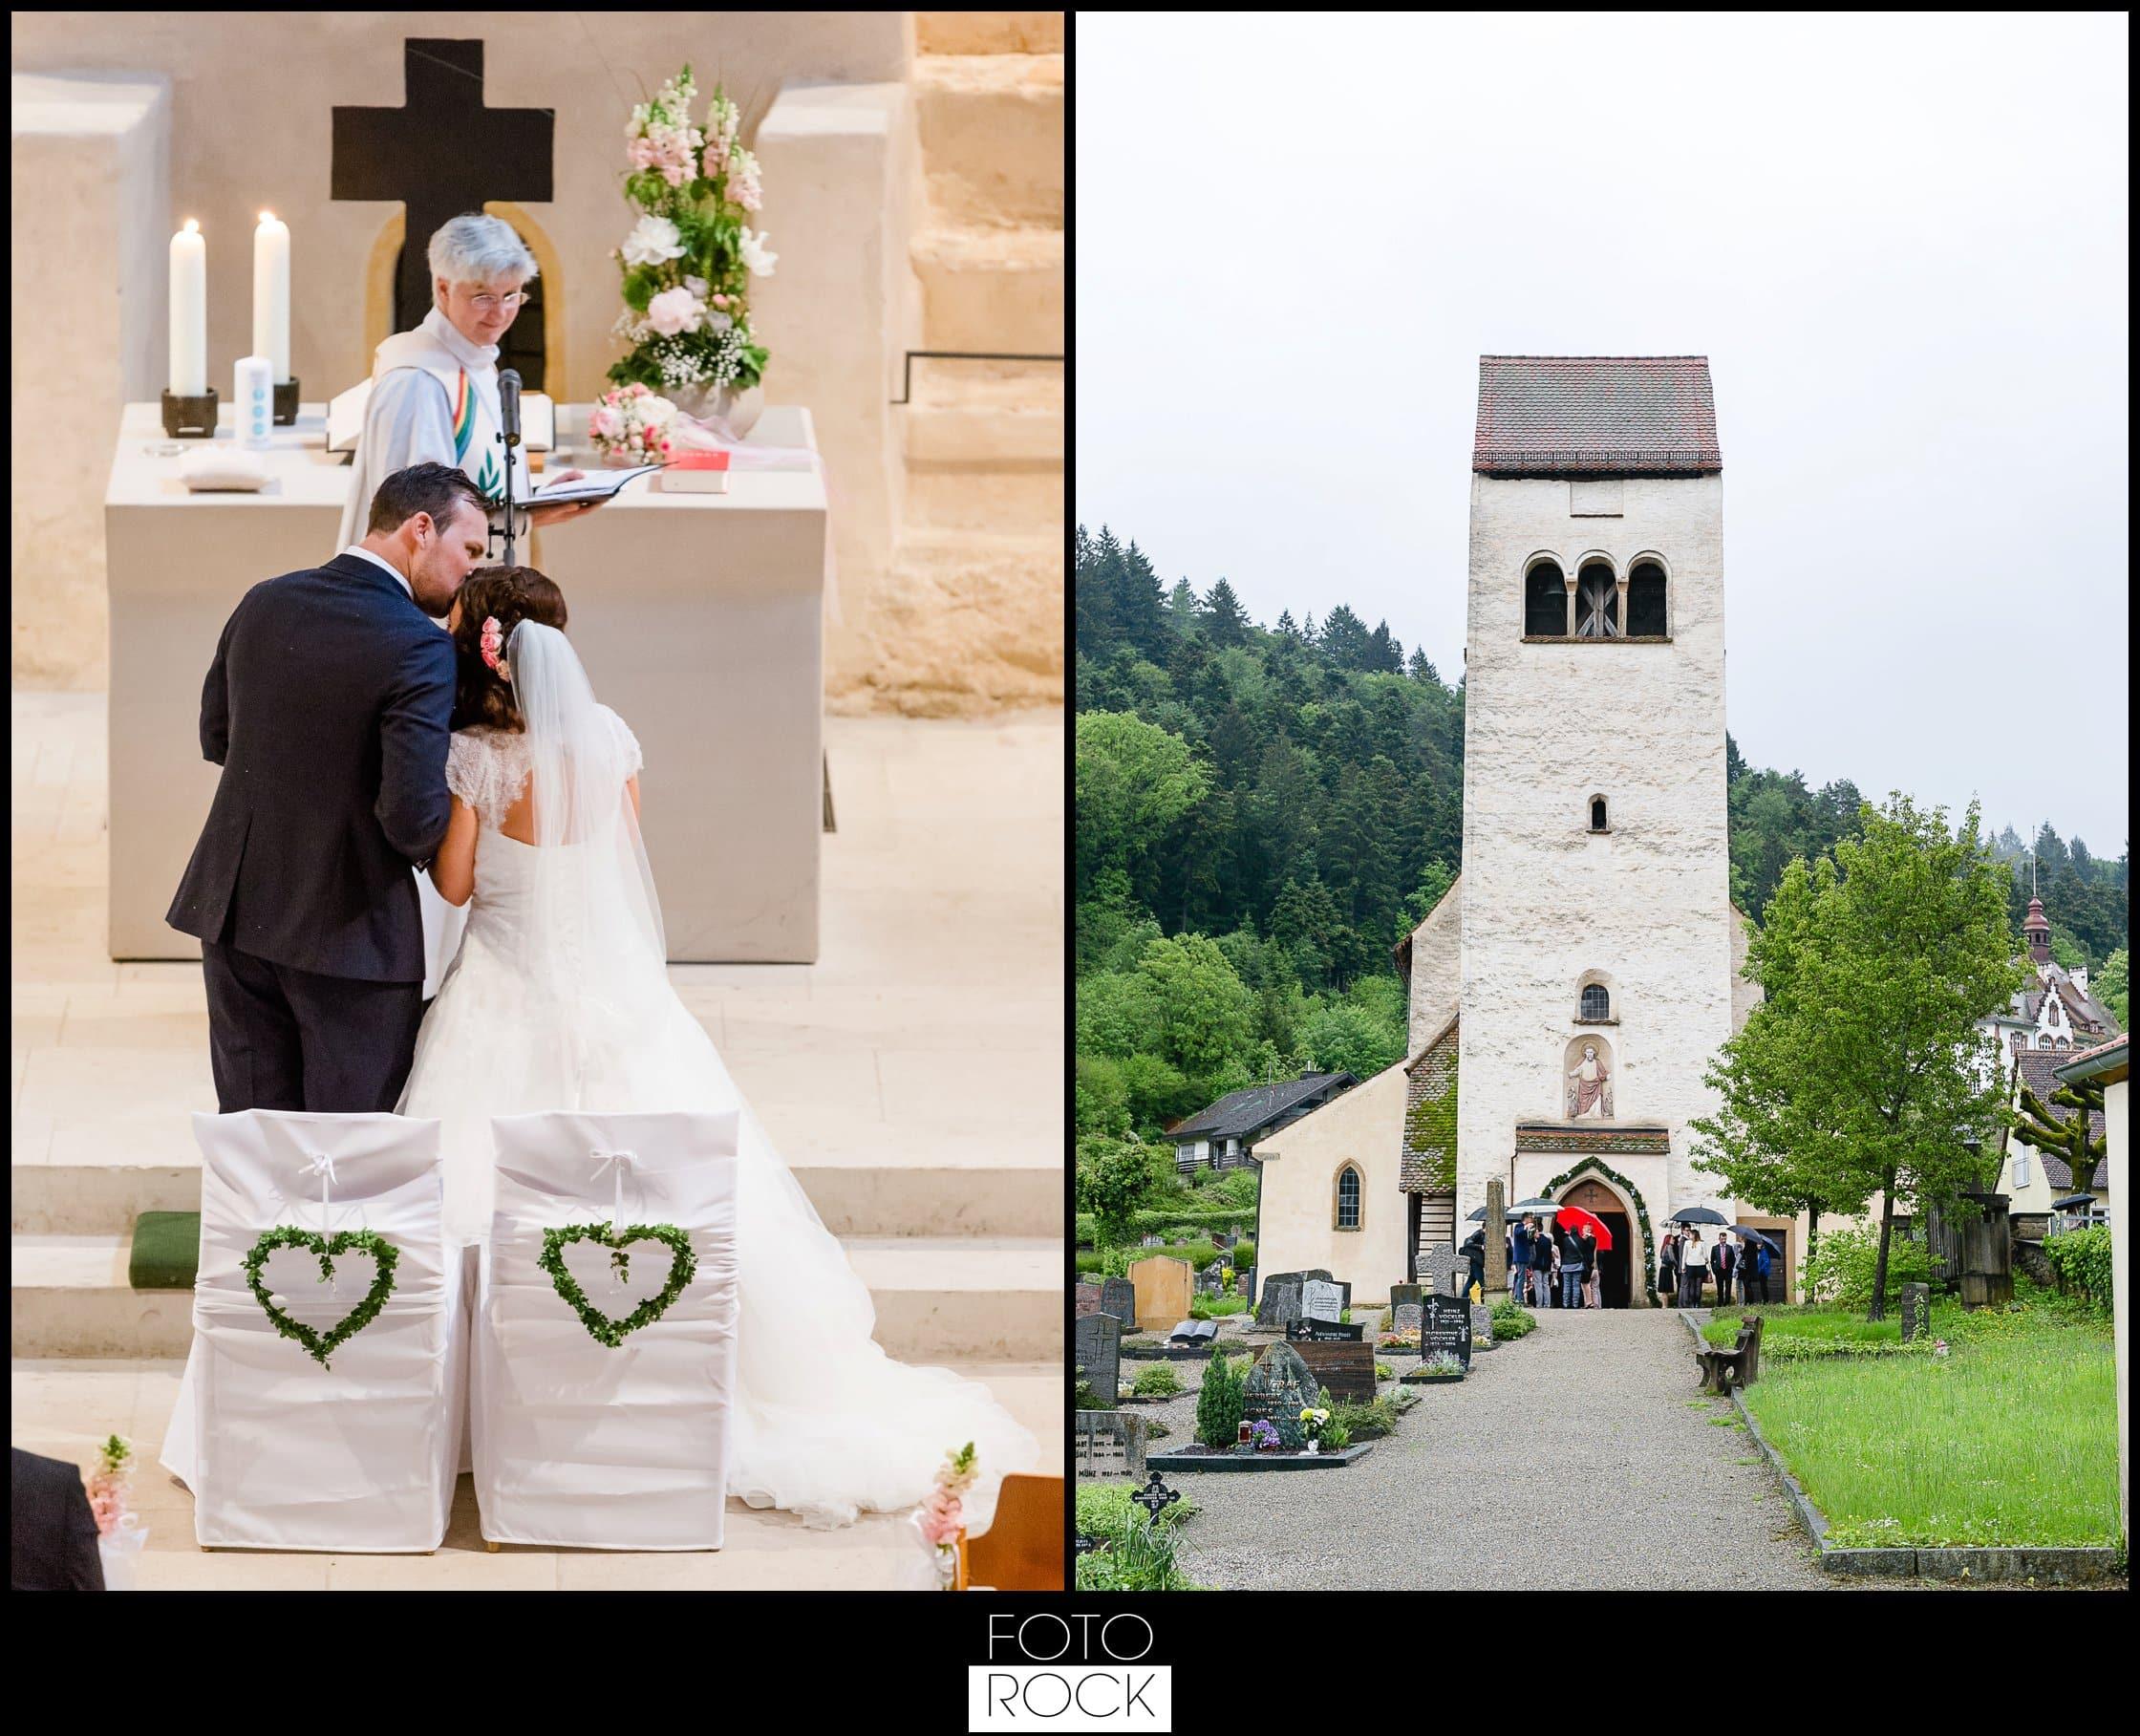 Hochzeit Lilienhof Ihringen Brautpaar Kirche Trauung Wedding Chairs Blumen